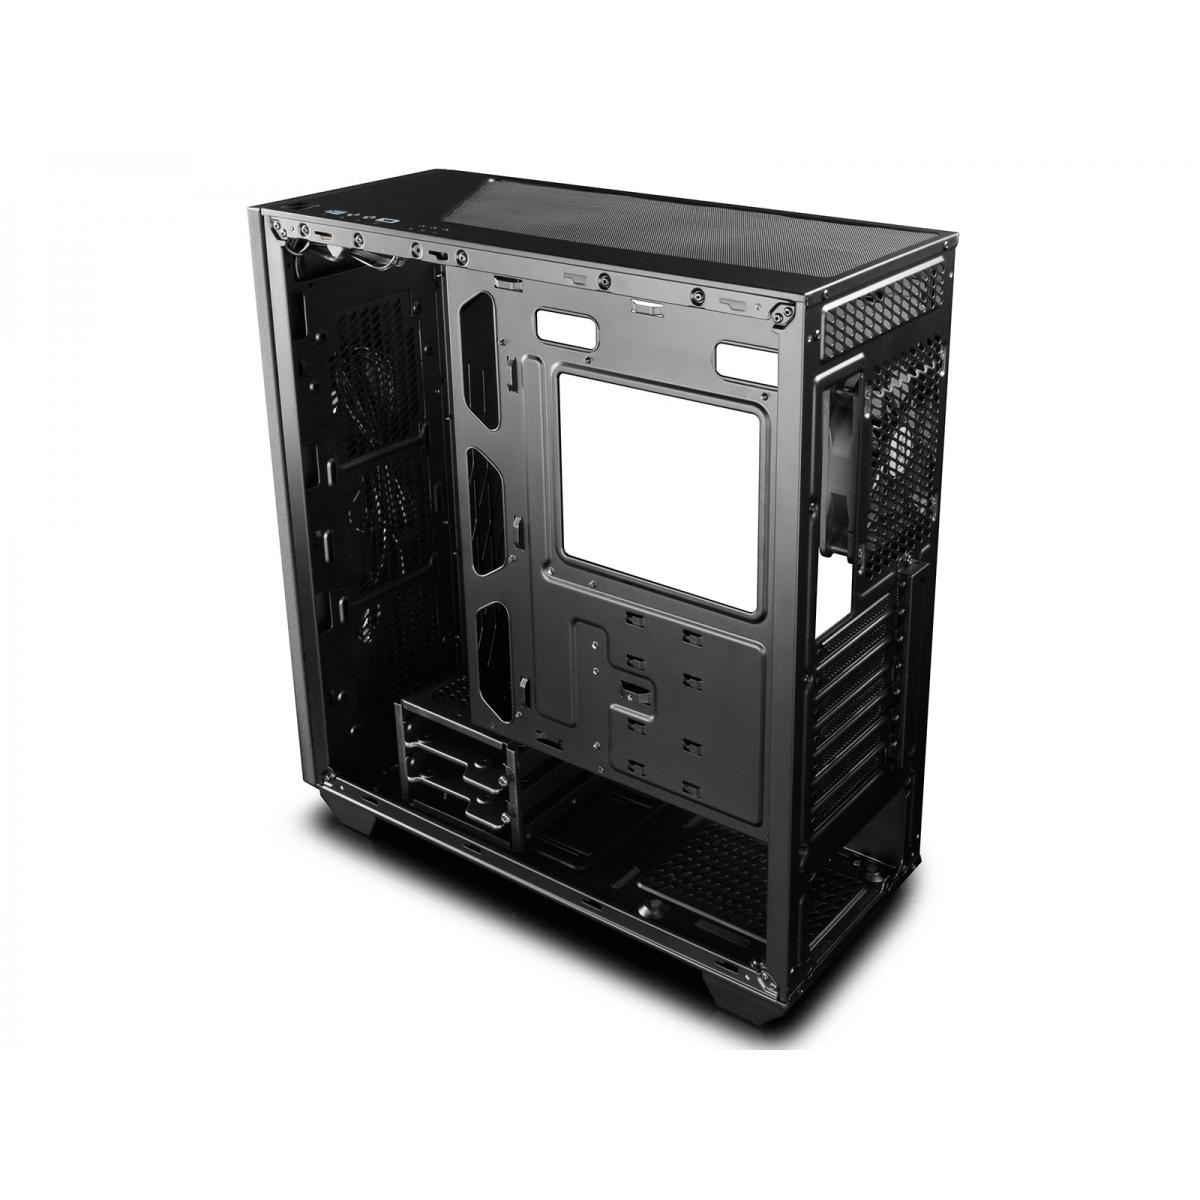 Gabinete Gamer DeepCool Earlkase RGB, Mid Tower, Com 2 Fans, Vidro Temperado, Black, S-Fonte, EARLKASERGB